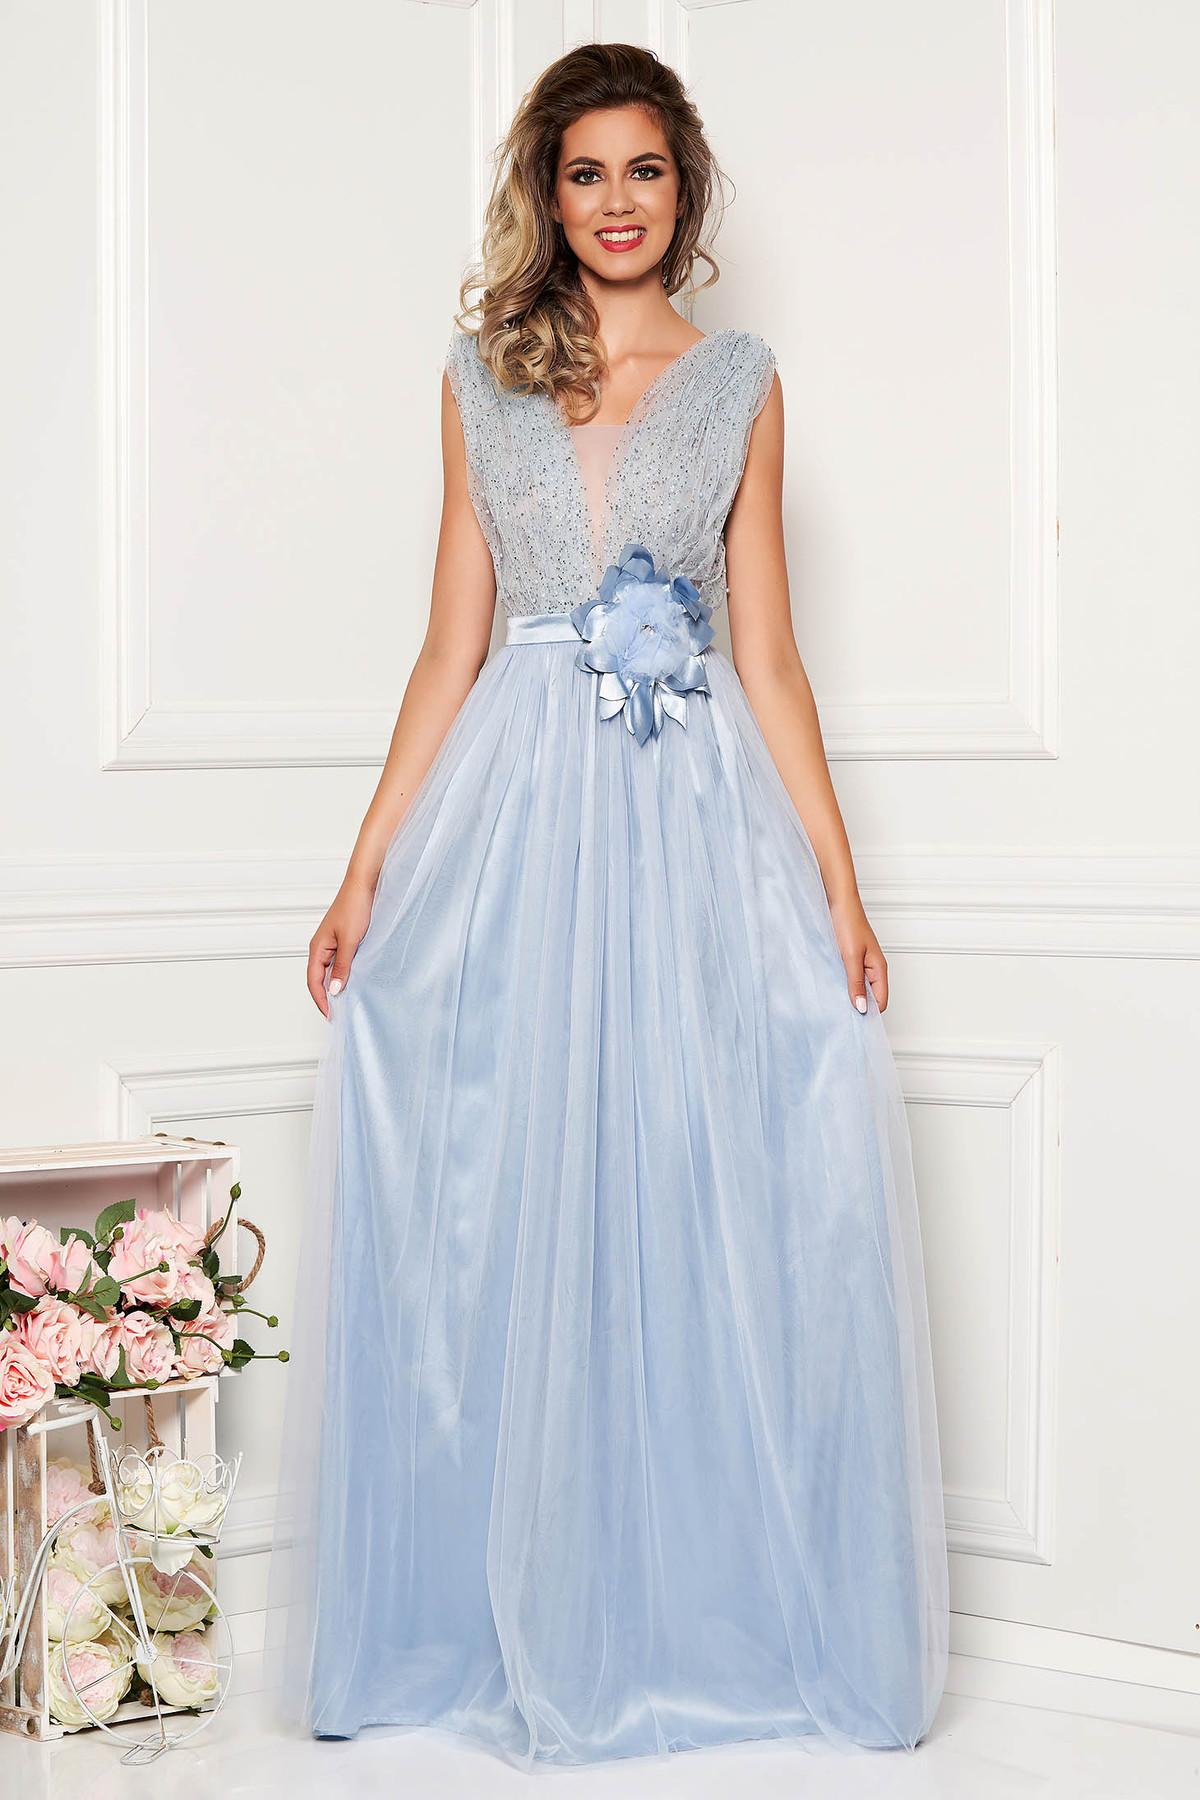 Rochie albastra-deschis LaDonna de ocazie cu aplicatii cu pietre strass cu decolteu adanc